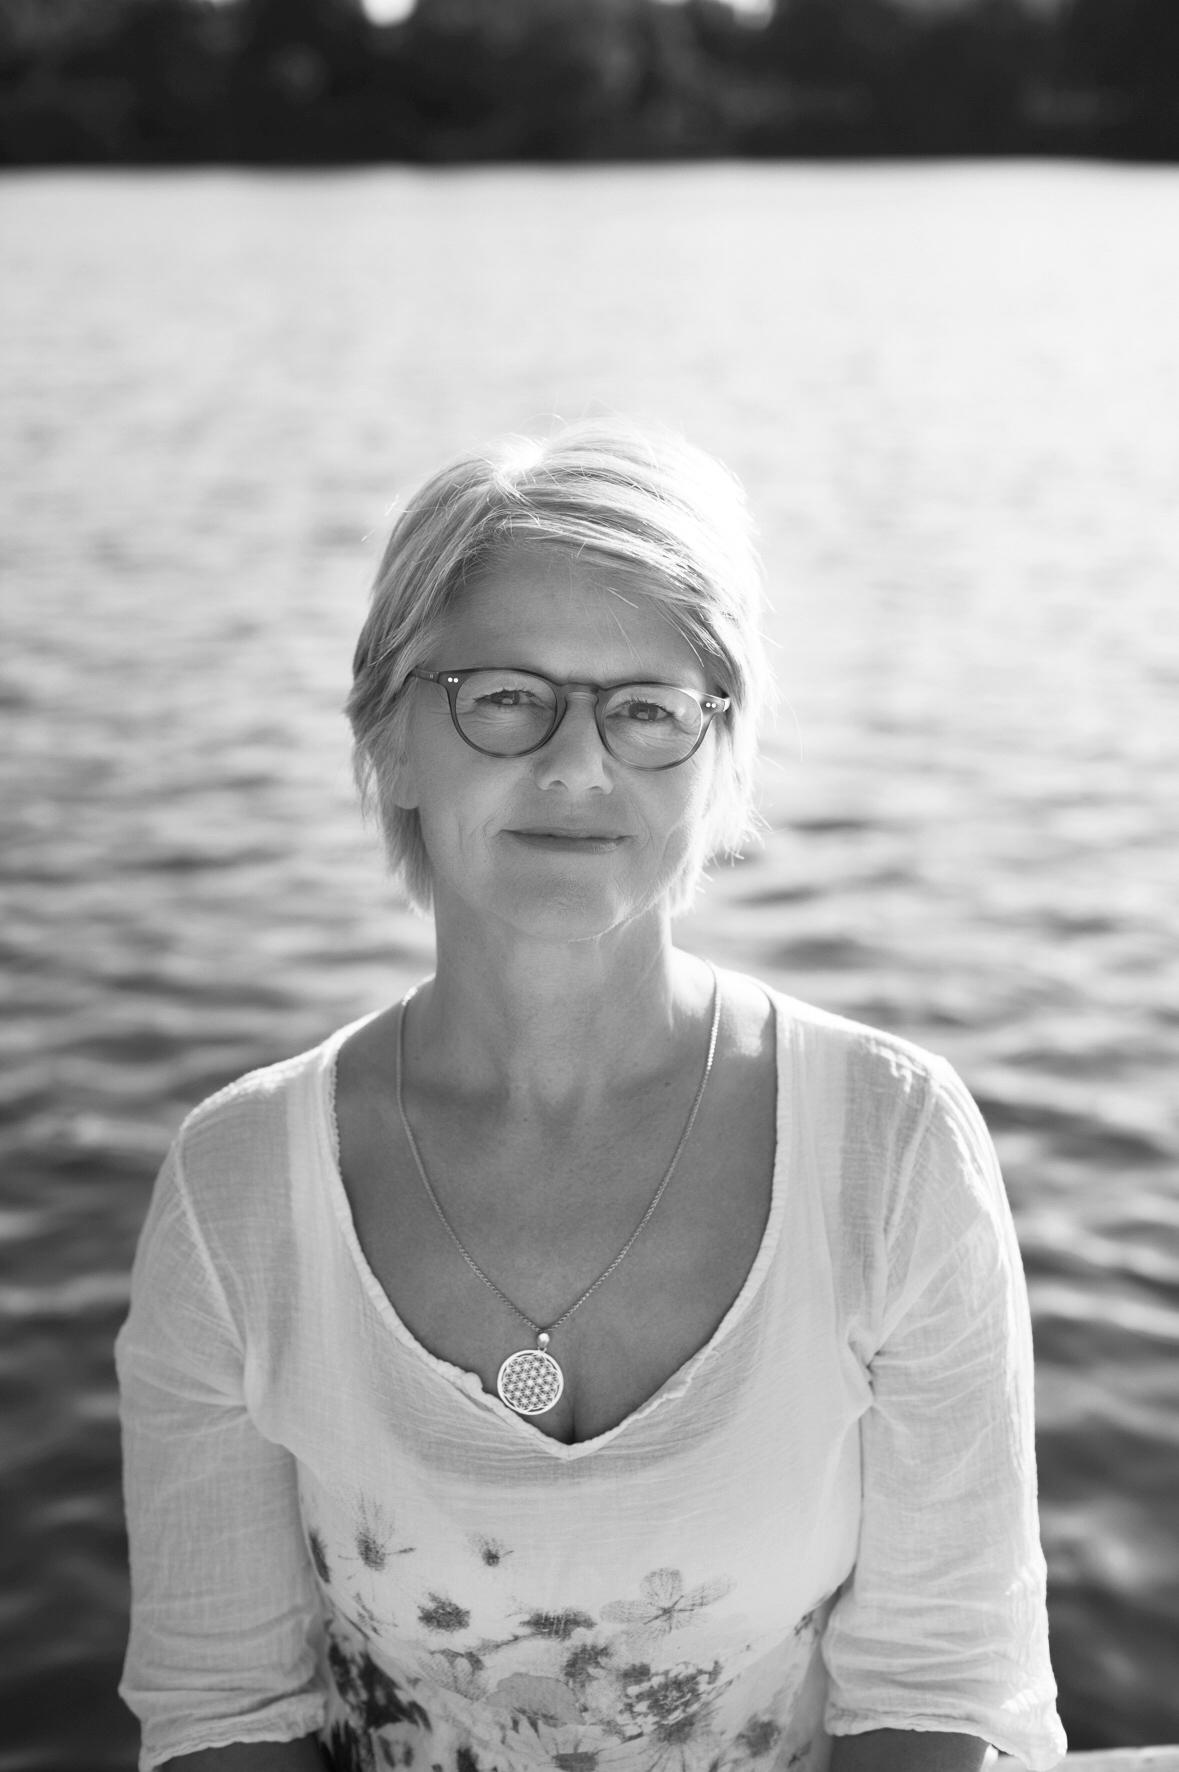 Karin Mohrbutter